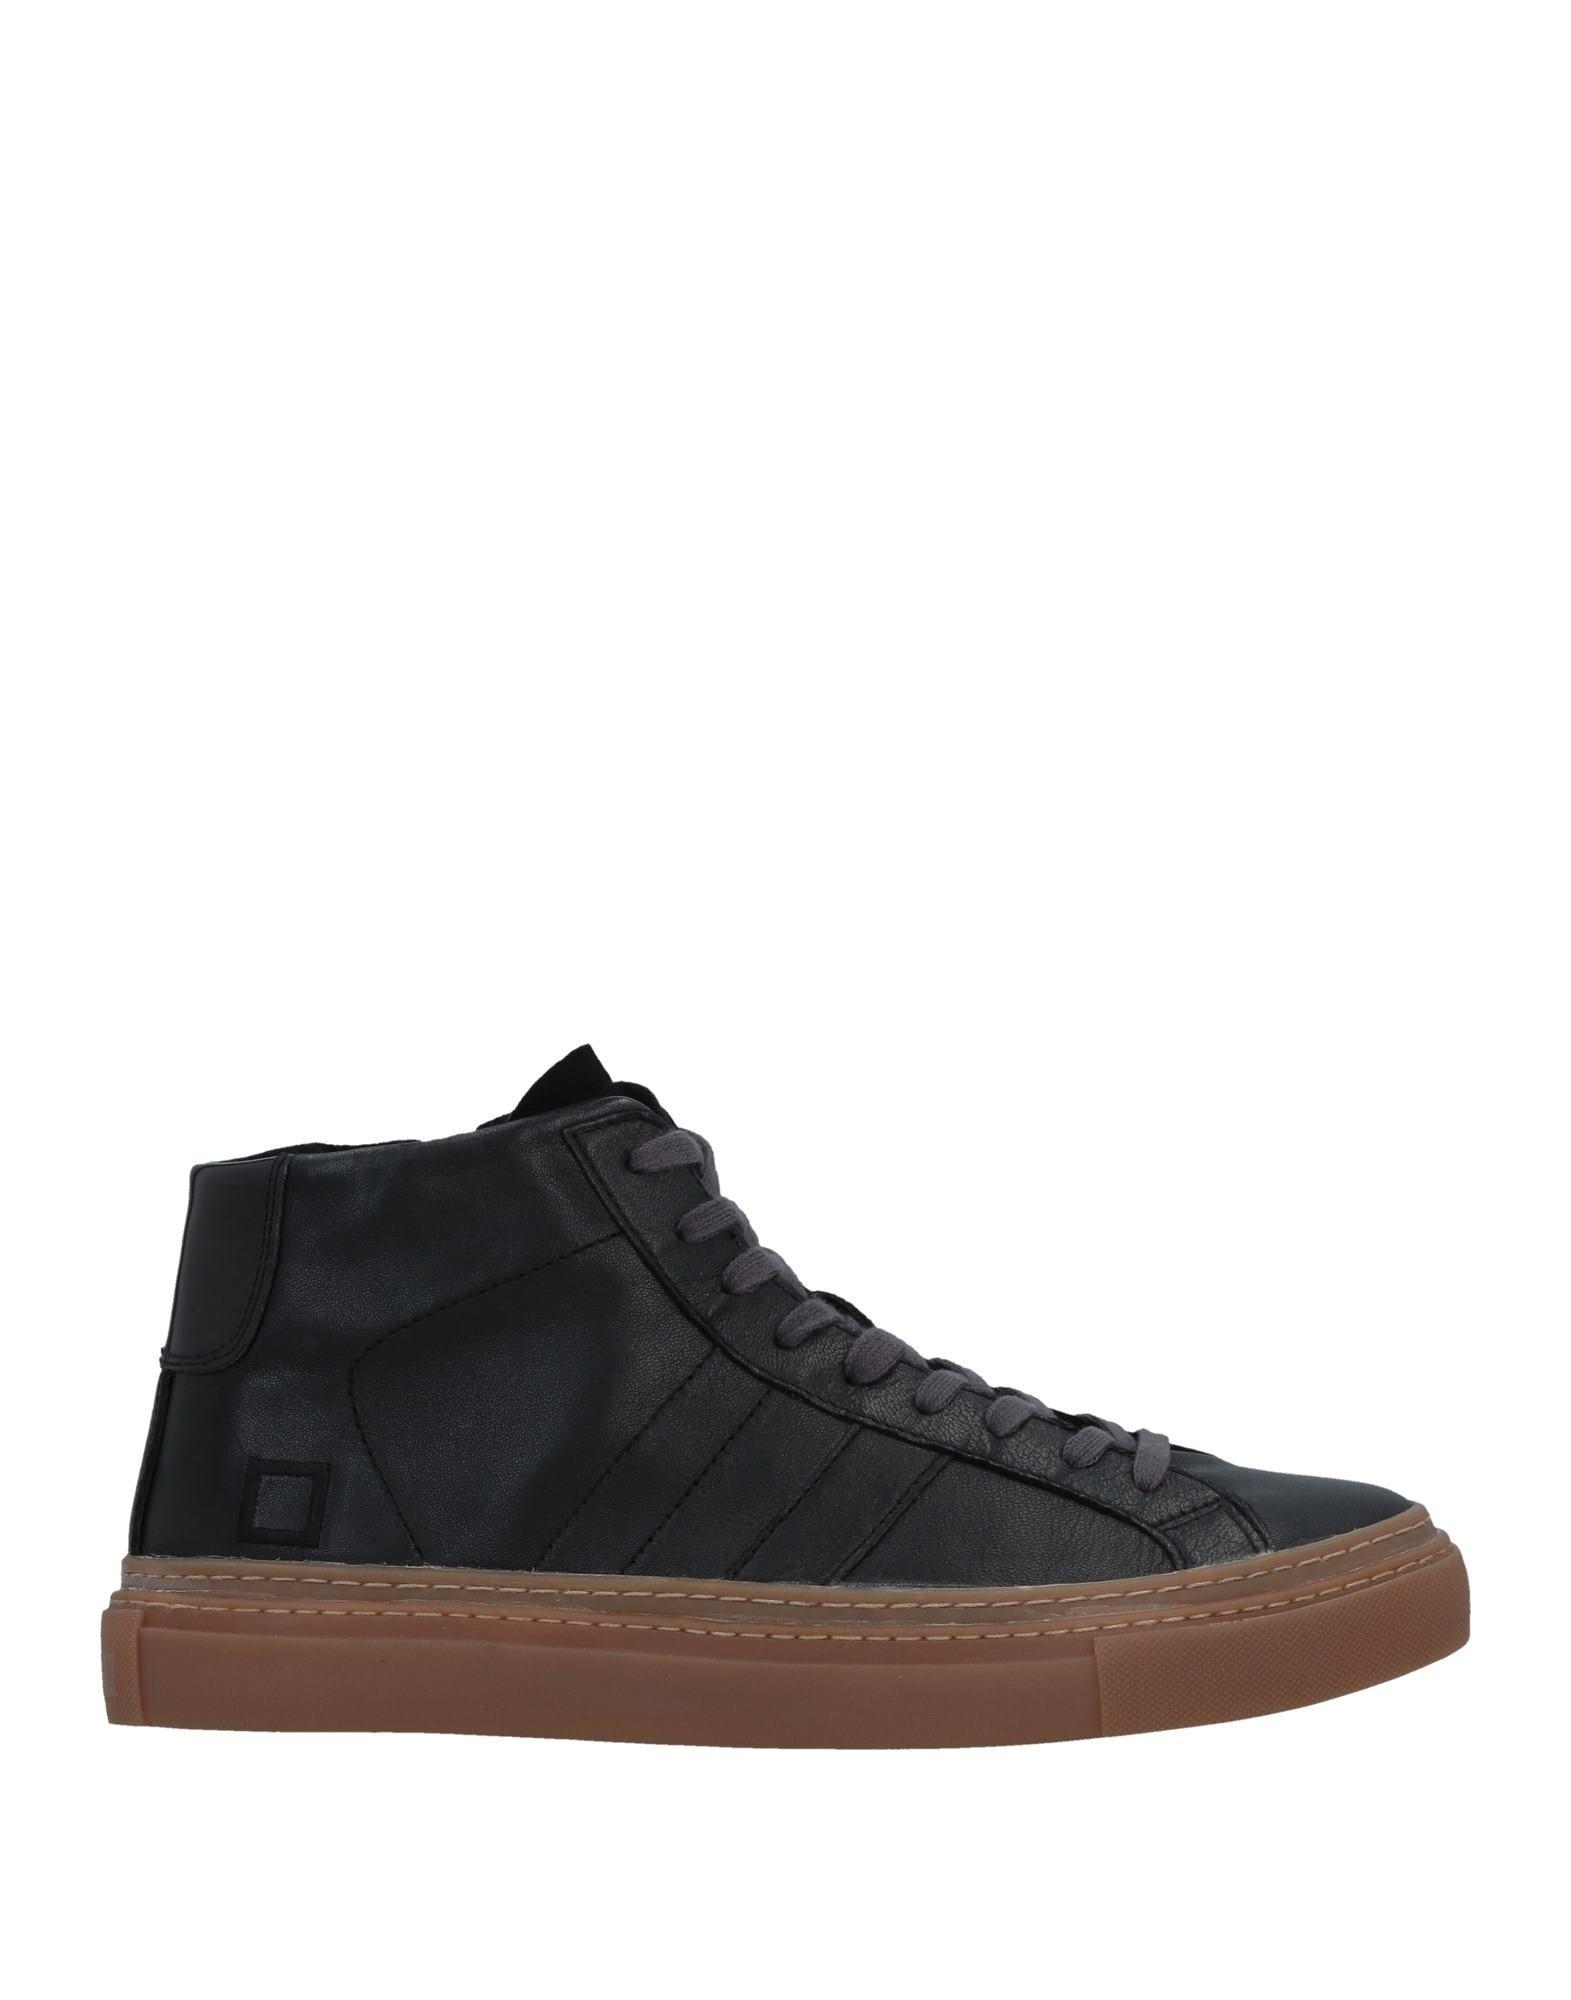 Scarpe economiche e resistenti Sneakers D.A.T.E. Uomo - 11510382FC